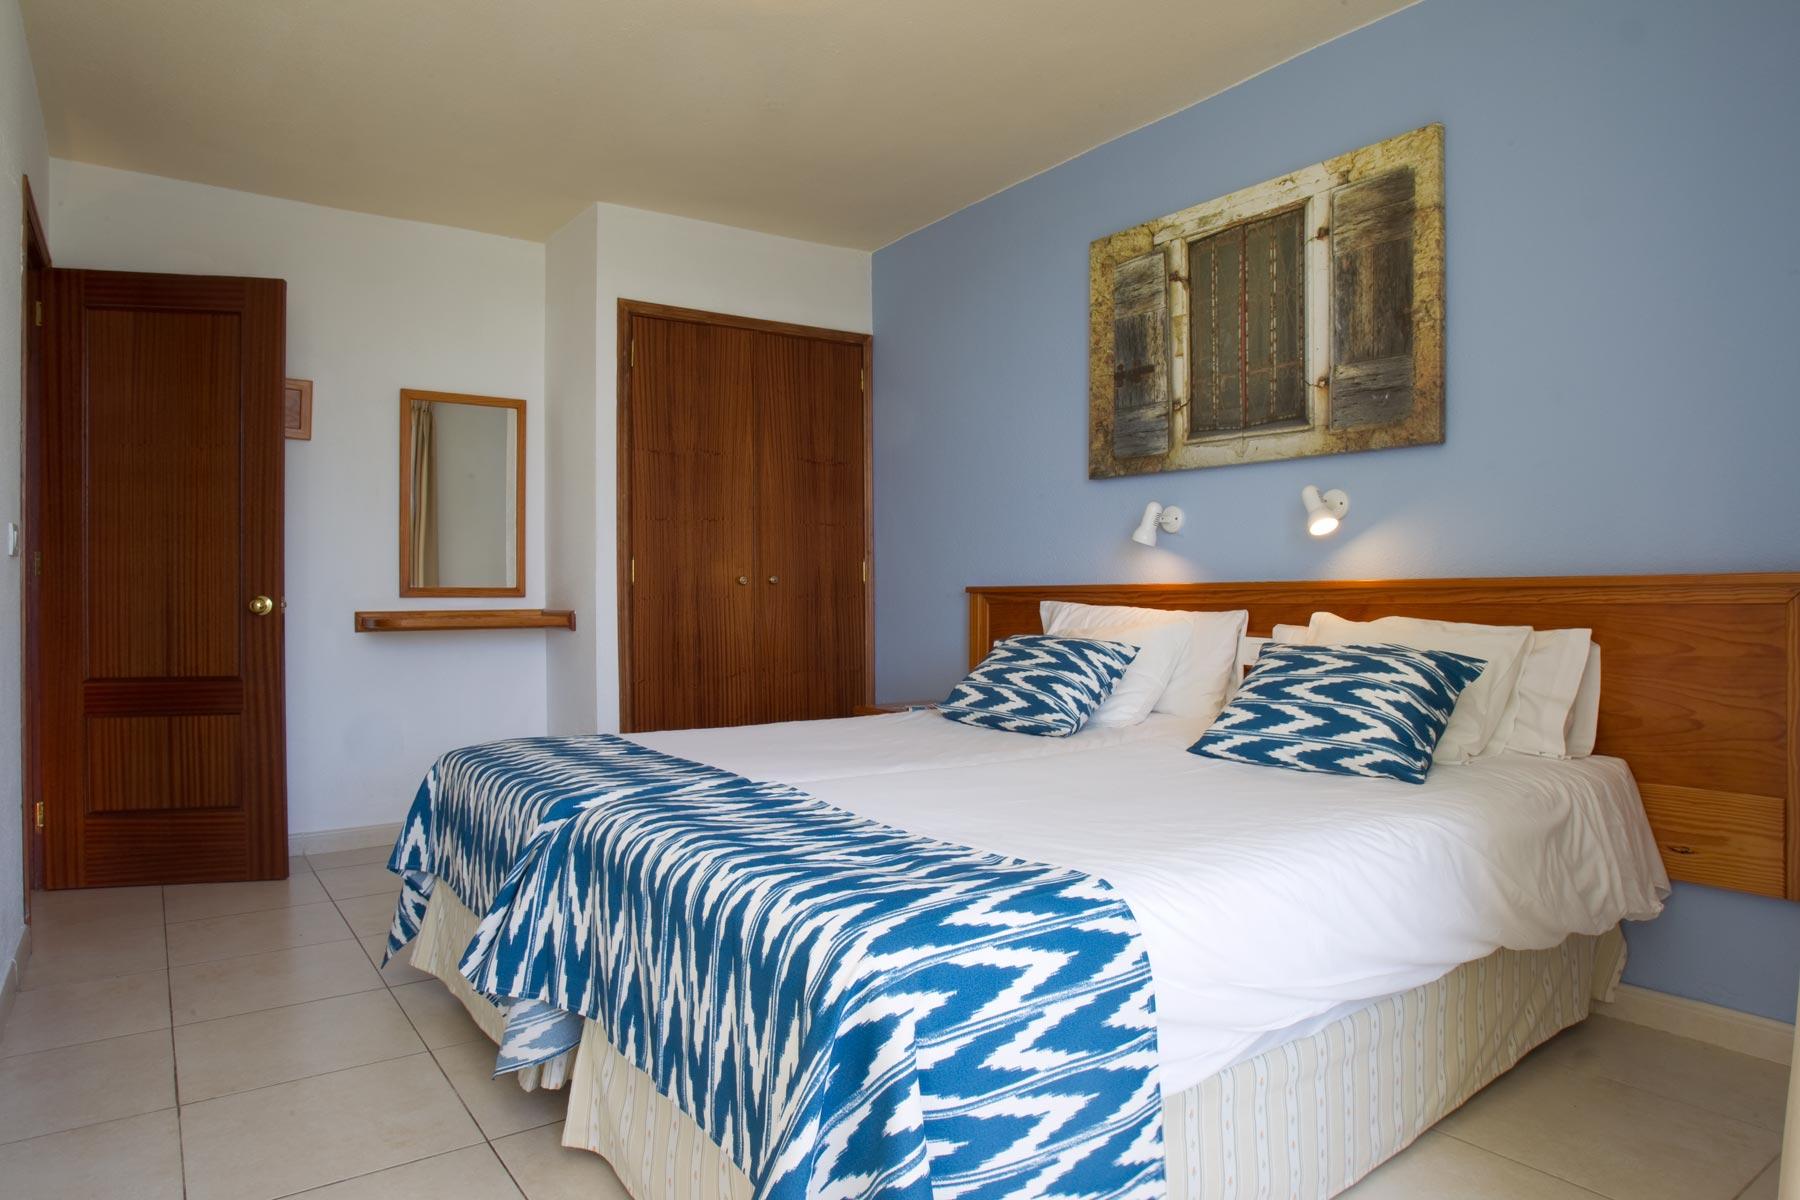 Apartamentos hotel playa del sol web oficial for Descripcion de una habitacion de hotel